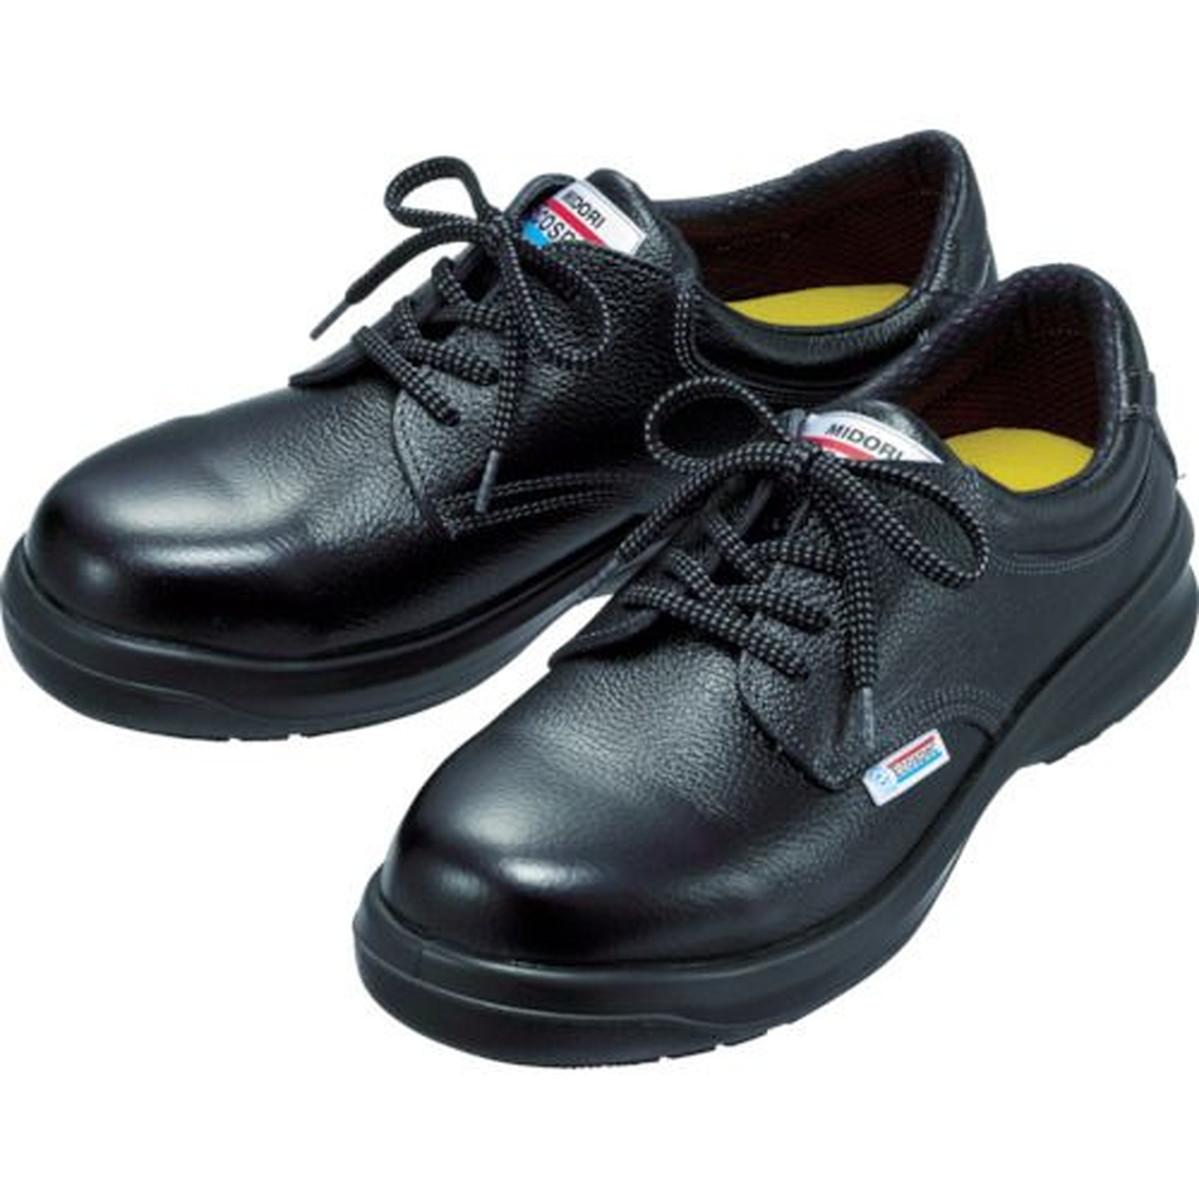 あす楽対応 DIY用品 ミドリ安全 エコマーク認定 静電高機能安全靴 24.0CM 《週末限定タイムセール》 超目玉 1足 ESG3210eco